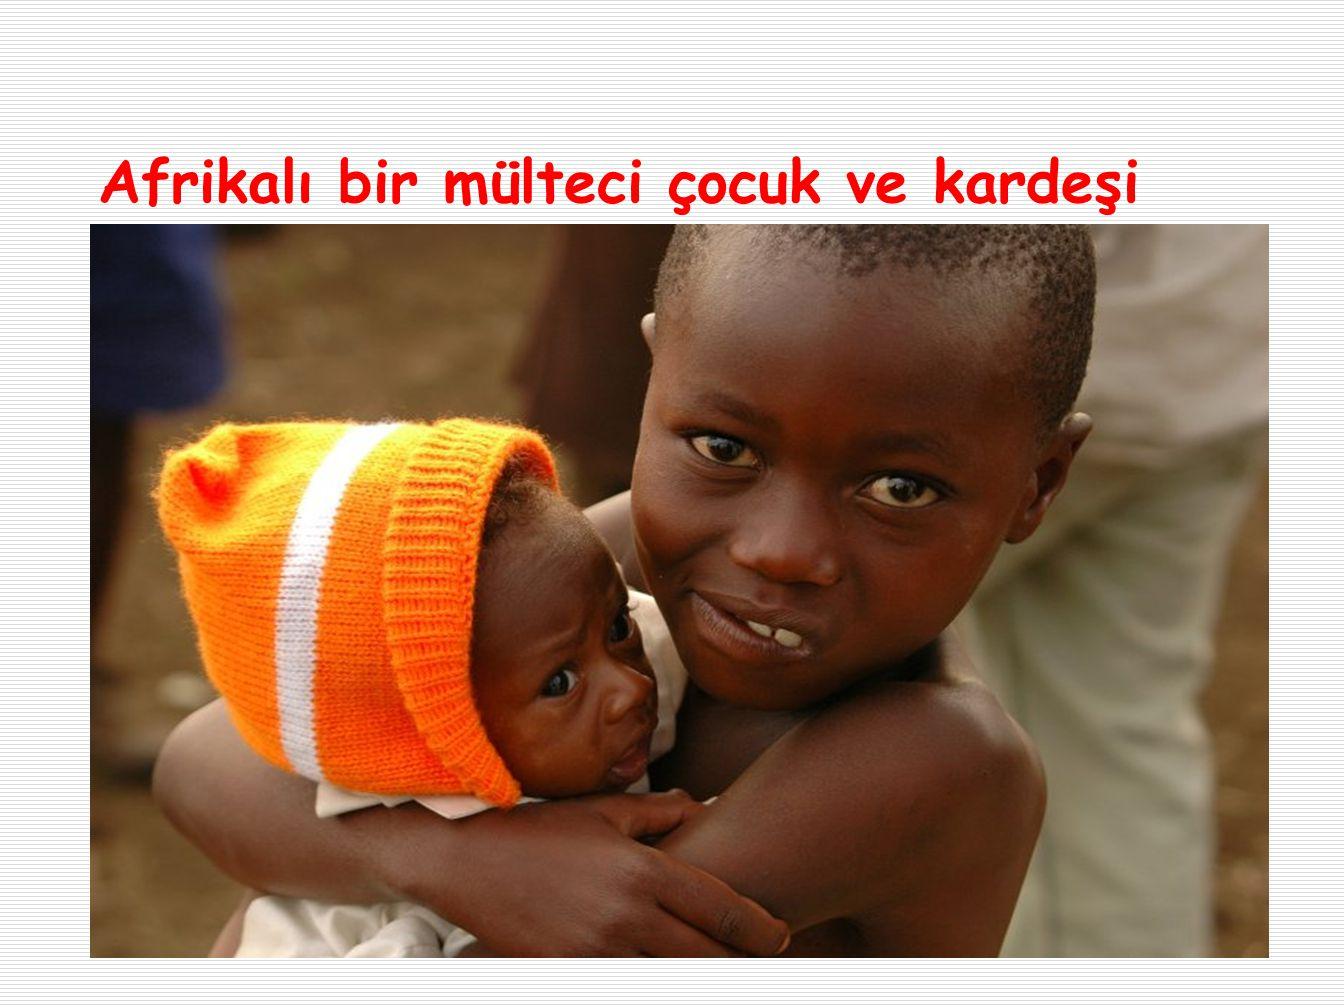 Afrikalı bir mülteci çocuk ve kardeşi